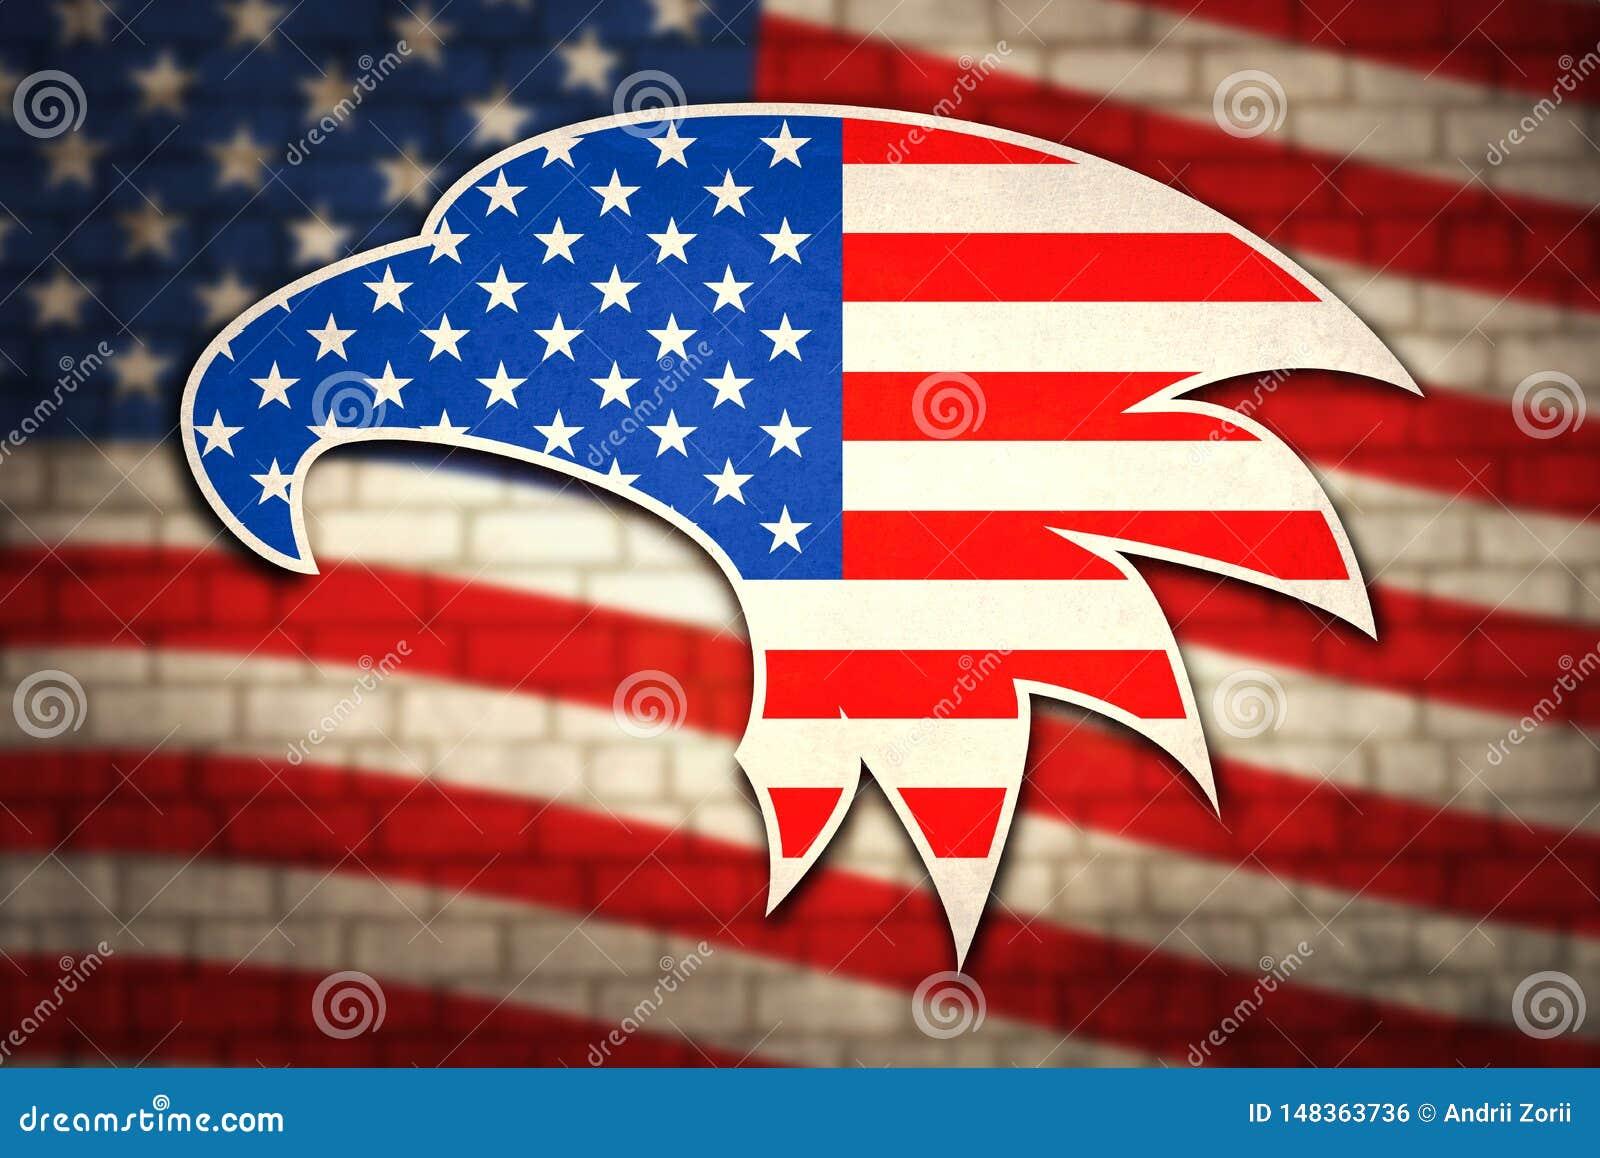 Американский флаг на кирпичной стене с патриотическими символами Соединенных Штатов Америки Голова орла перед флагом США дальше